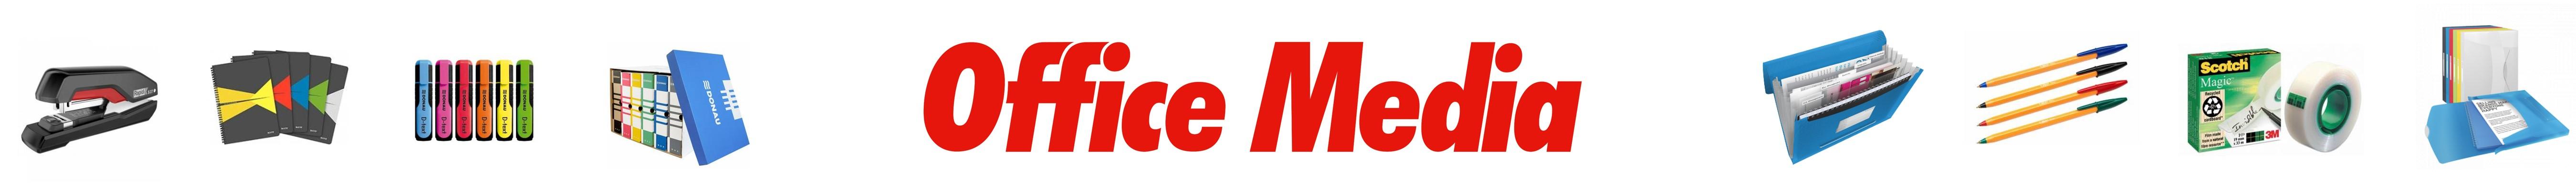 Office Media Logo